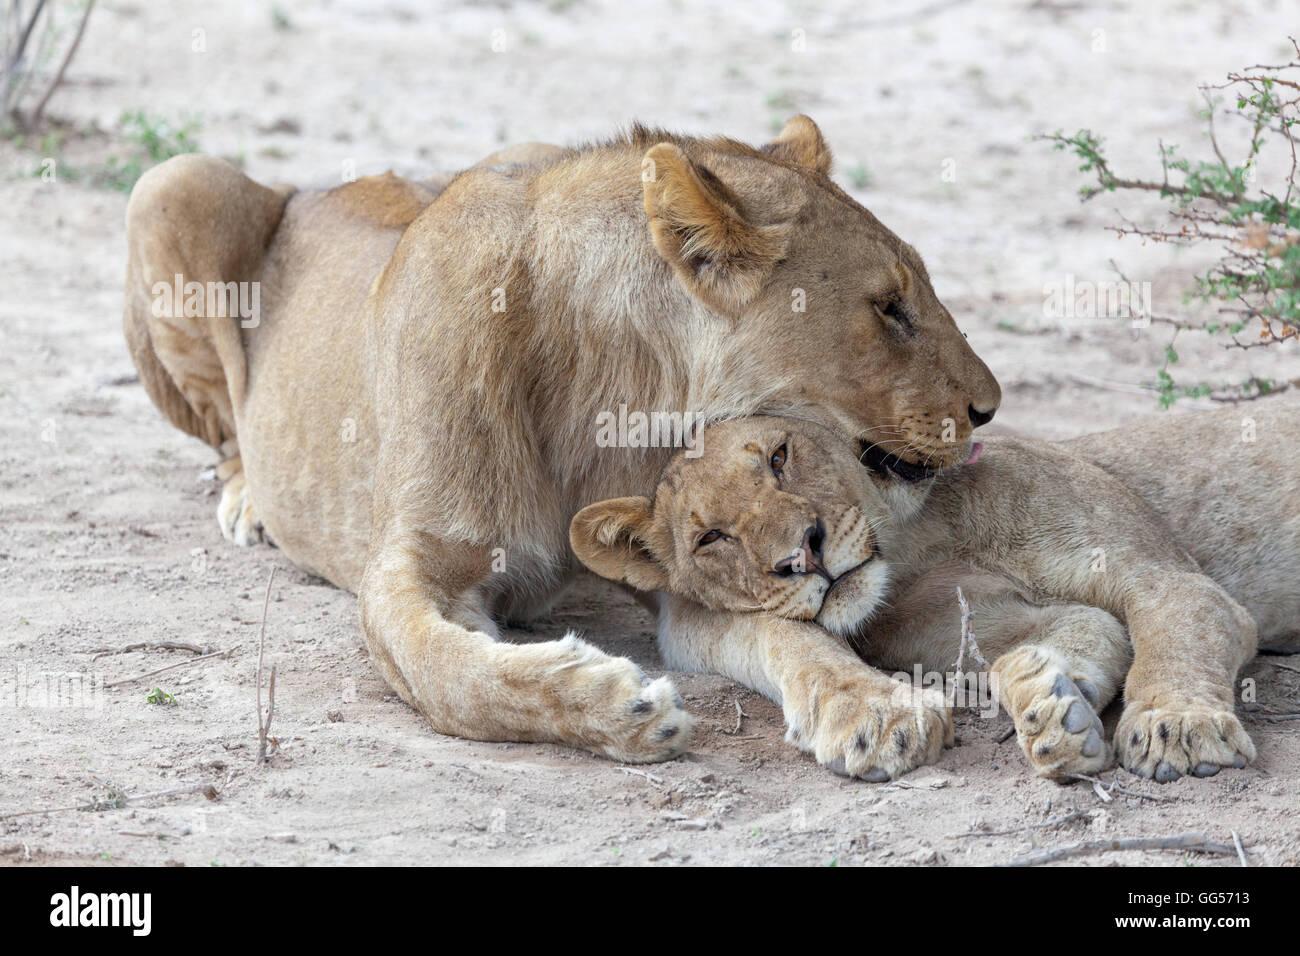 Etosha National Park Namibia Lion (Panthera leo) and cub. - Stock Image